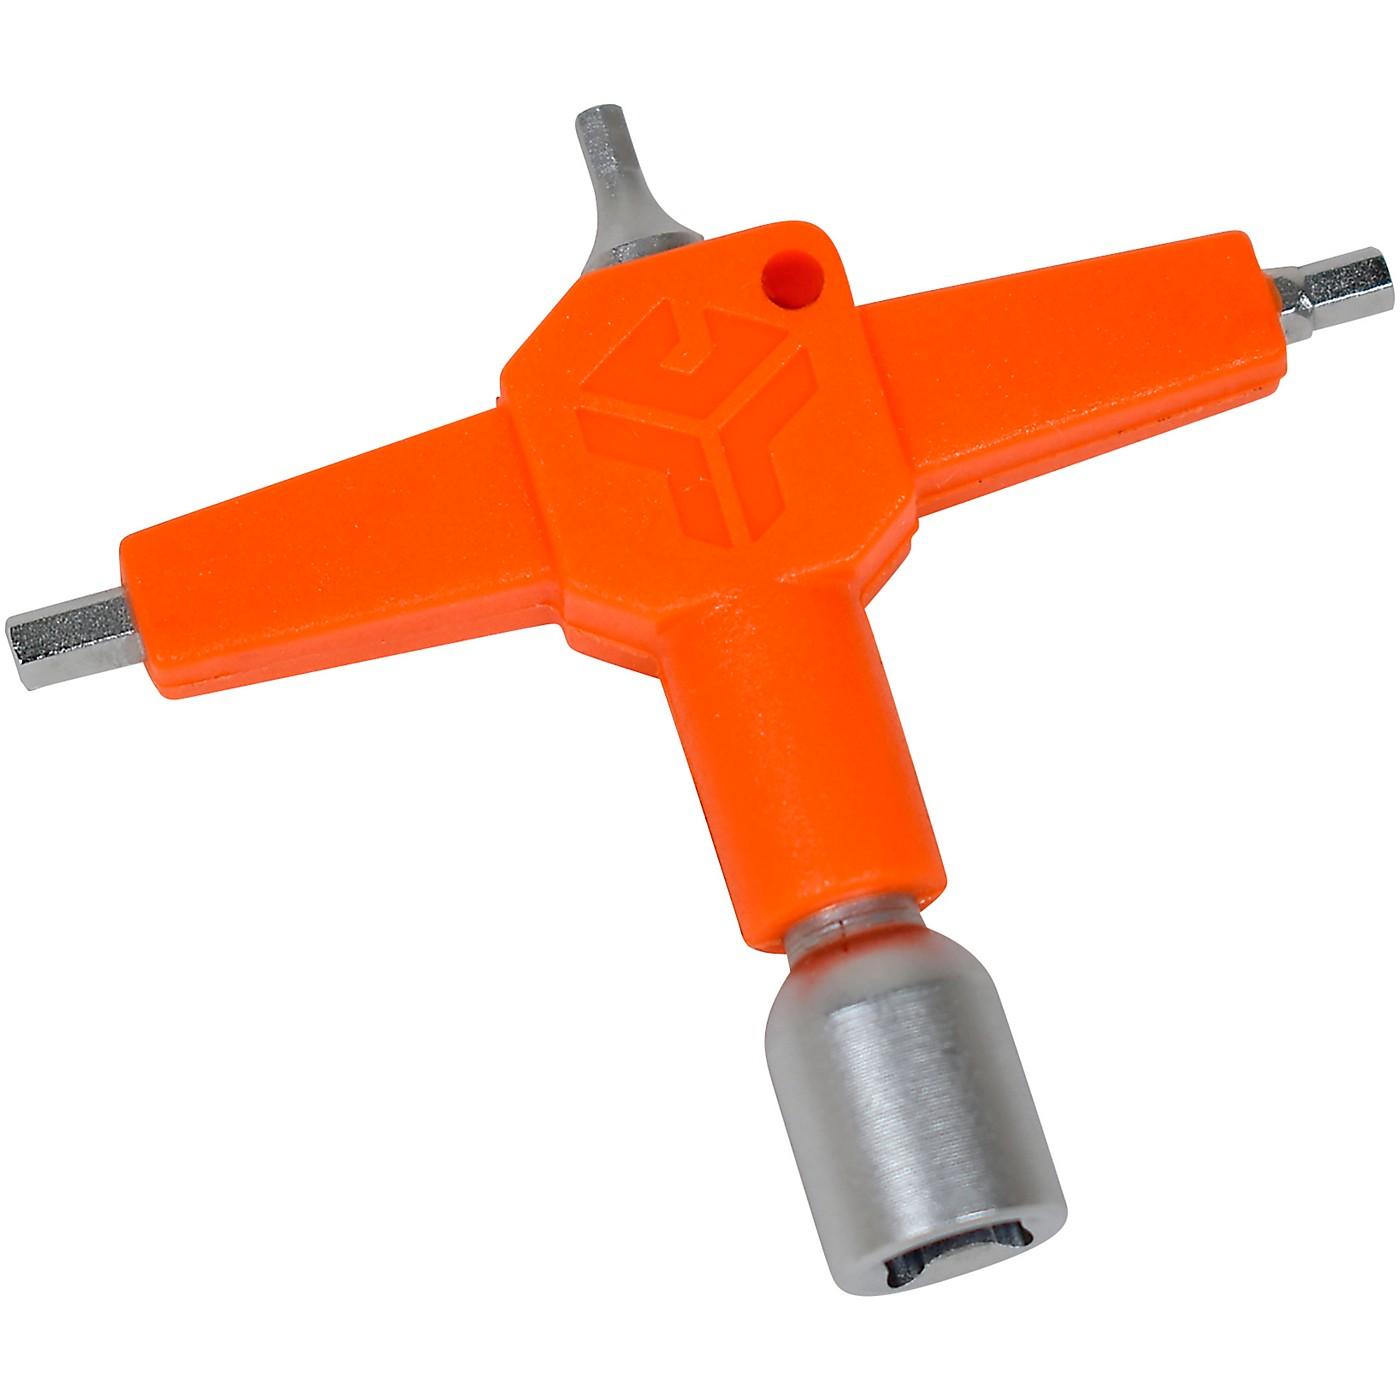 GROOVETECH TOOLS, INC. DK Multi 4-in-1 Drum Key Multi-Tool Orange/Sanded Nickel thumbnail